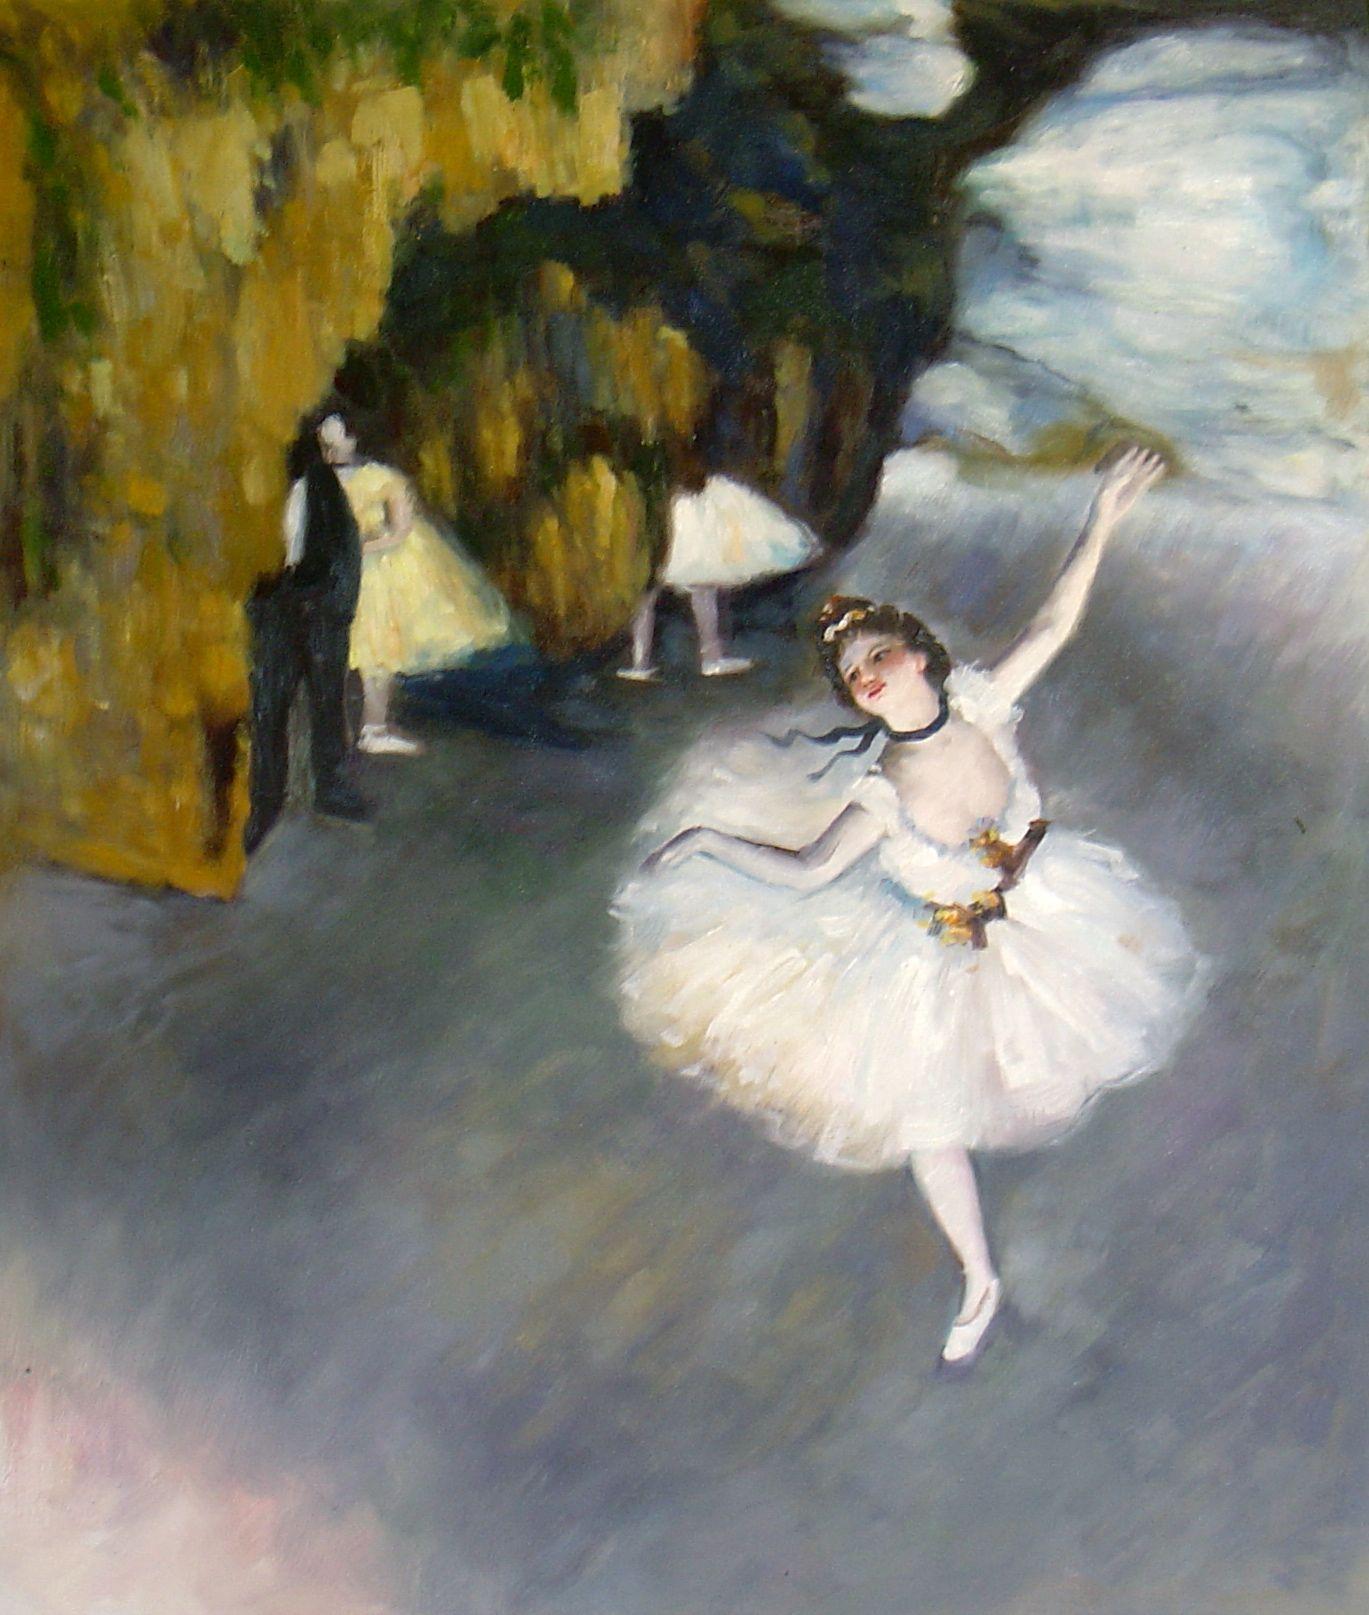 Épinglé par Jennifer Flatgard sur Peinture | Tableaux de degas, Ballerine degas, Edgar degas